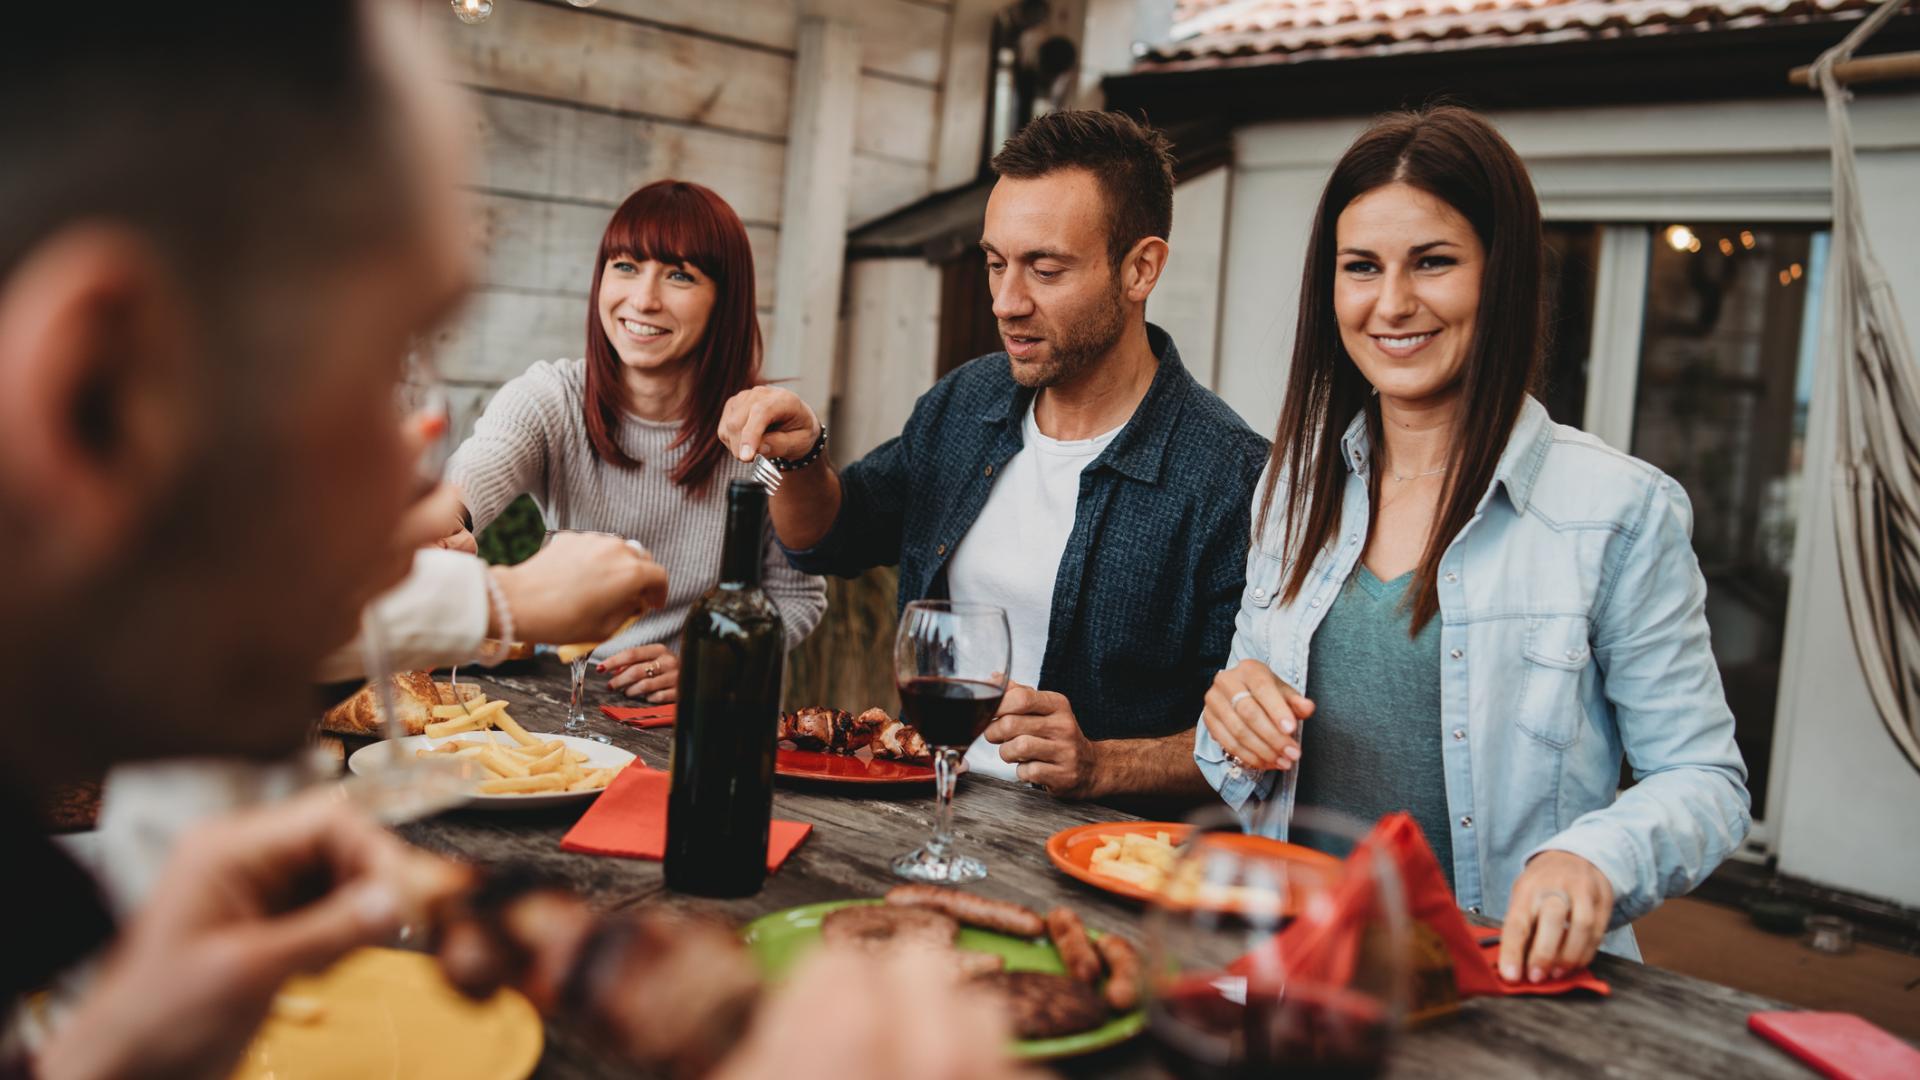 Italien Essen Pizza Freunde Wein Trinken